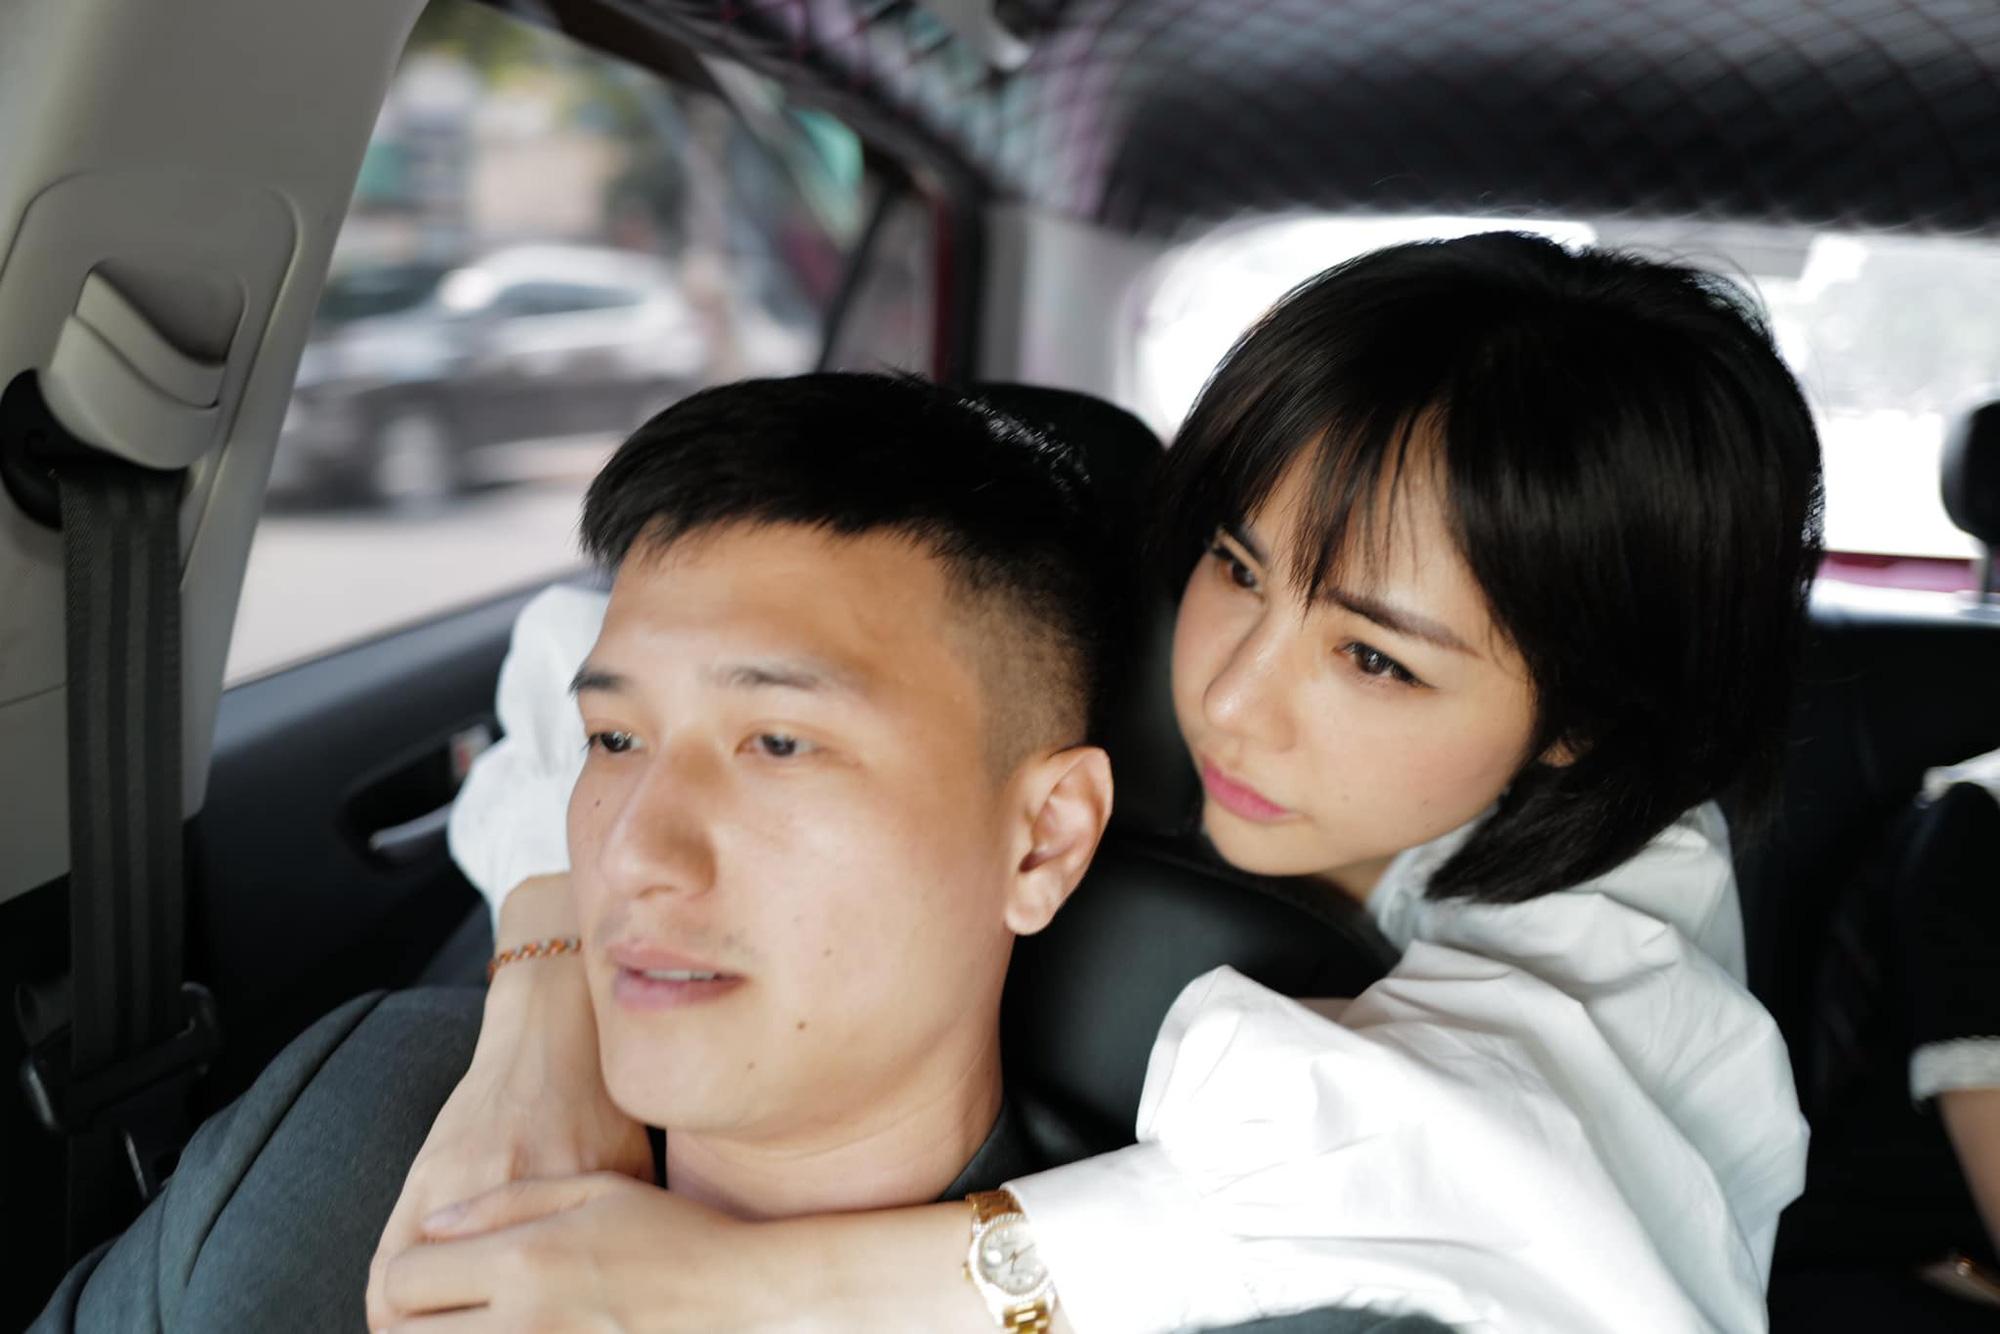 """Huỳnh Anh: """"Trước Phương, tôi yêu nhiều nhưng chưa từng hỏi cưới ai"""" - Ảnh 1."""